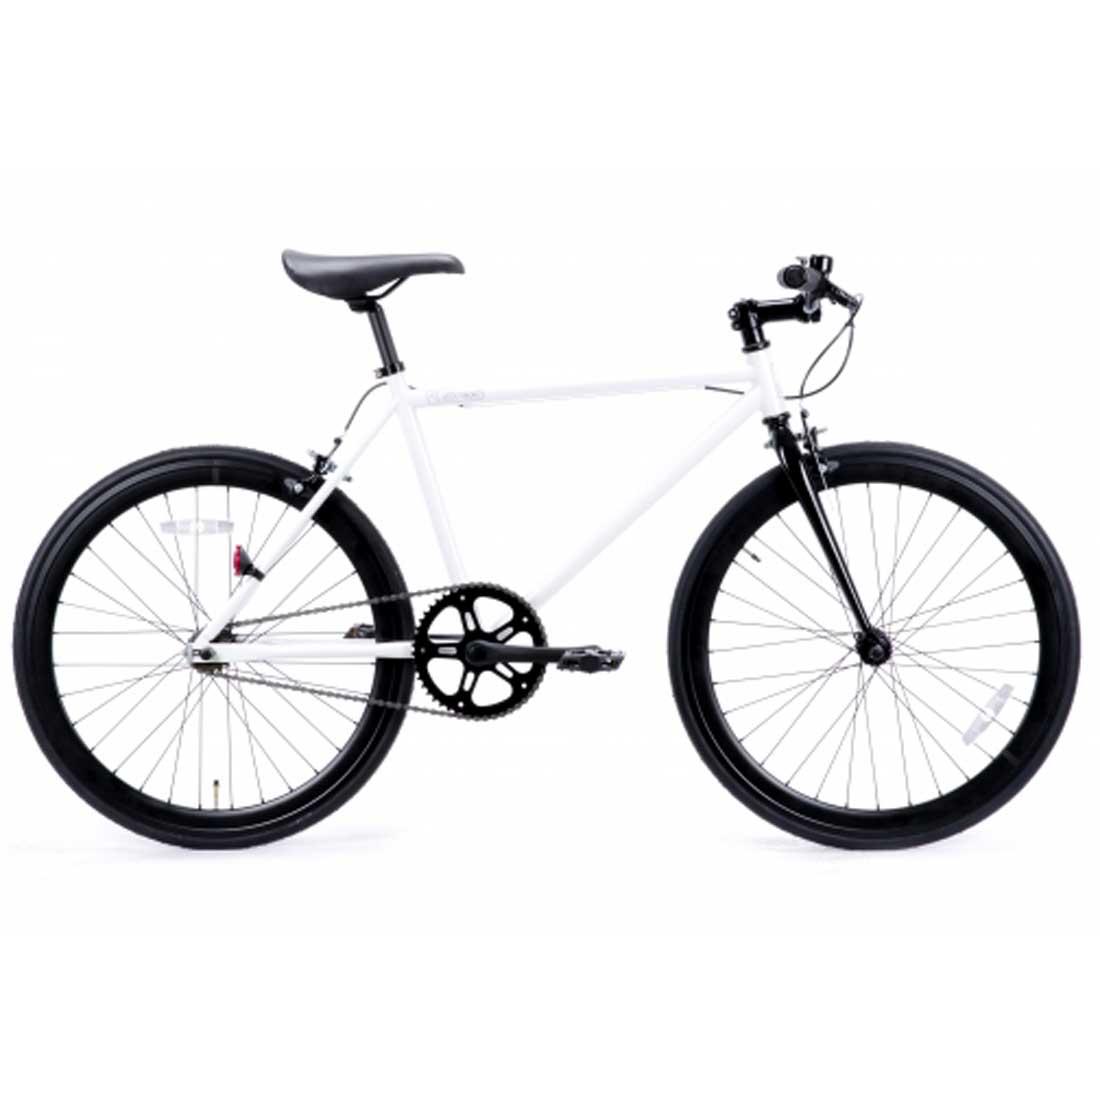 ピストバイク 24インチ ロードバイク シングルスピード おしゃれ 自転車 通勤 通学 レインボー T-STREET-24T グロスホワイト メンズ レディース